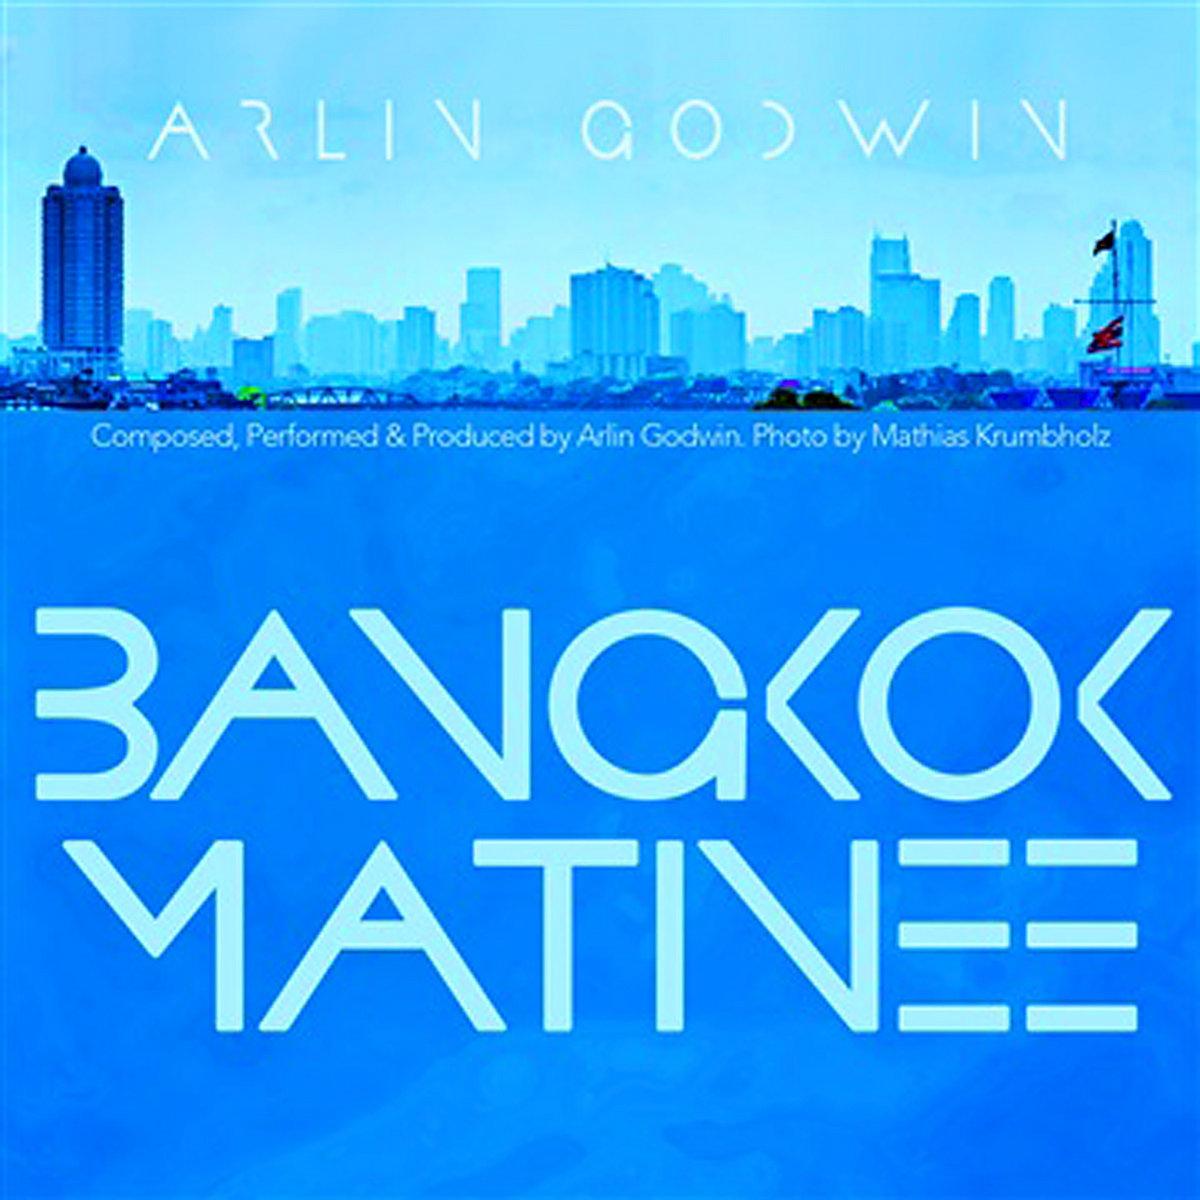 Bangkok Matinee by Arlin Godwin